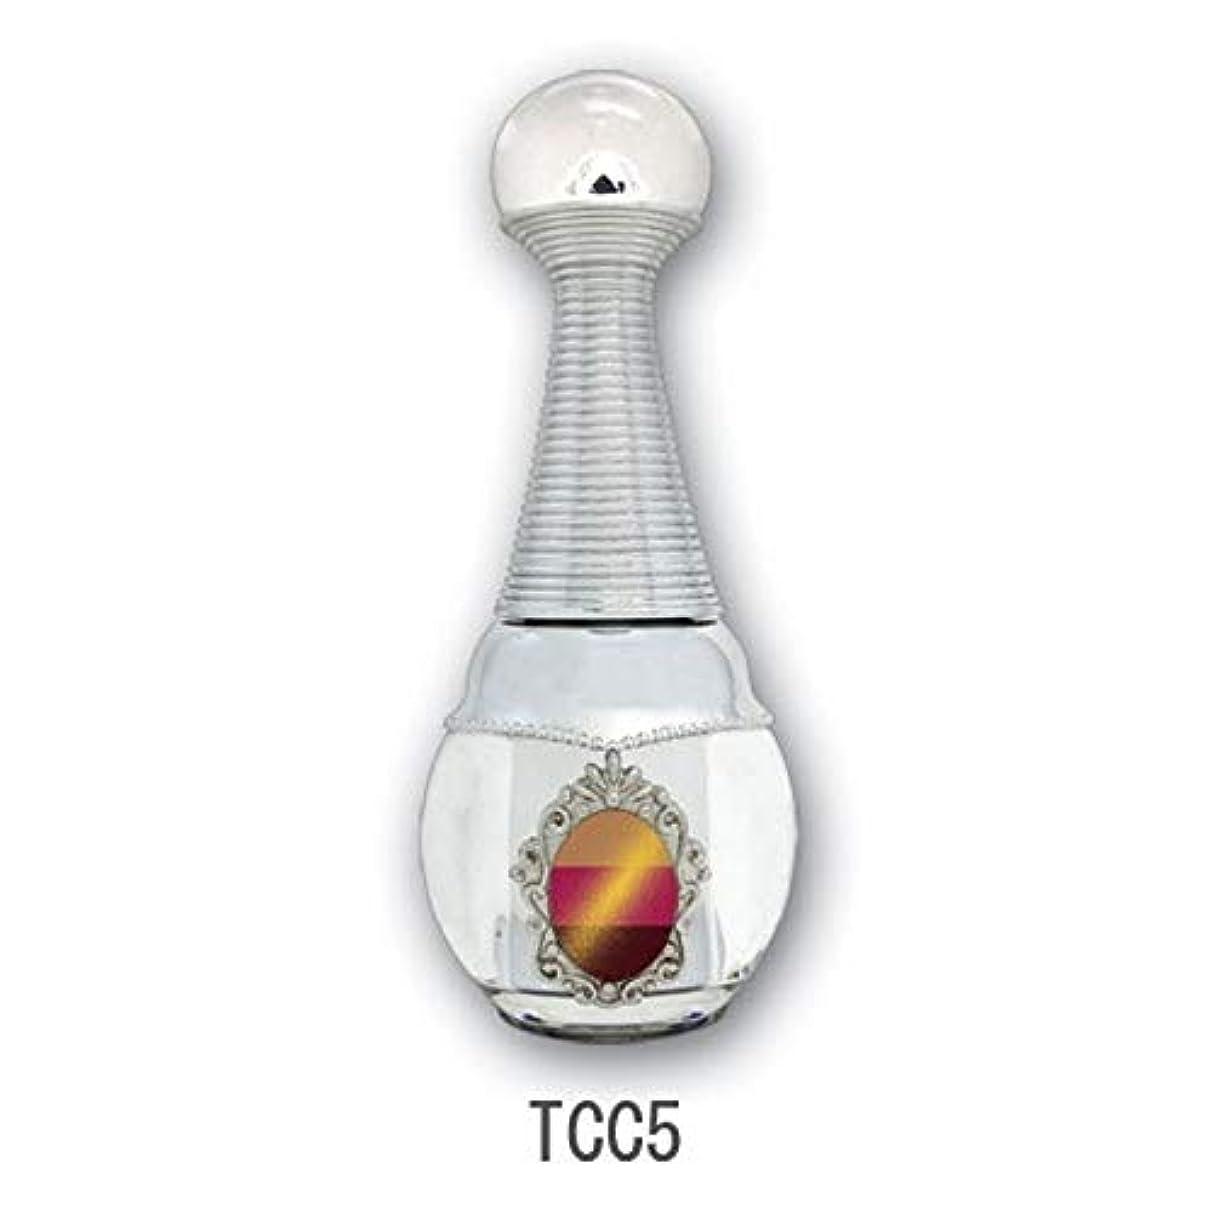 要件オーガニック防衛KENZICO (ケンジコ) Triple Cat's Eye Gel 【TCC5】 トリプルキャッツアイ 10m プロ用 3つの色に変わる キャッツアイジェル